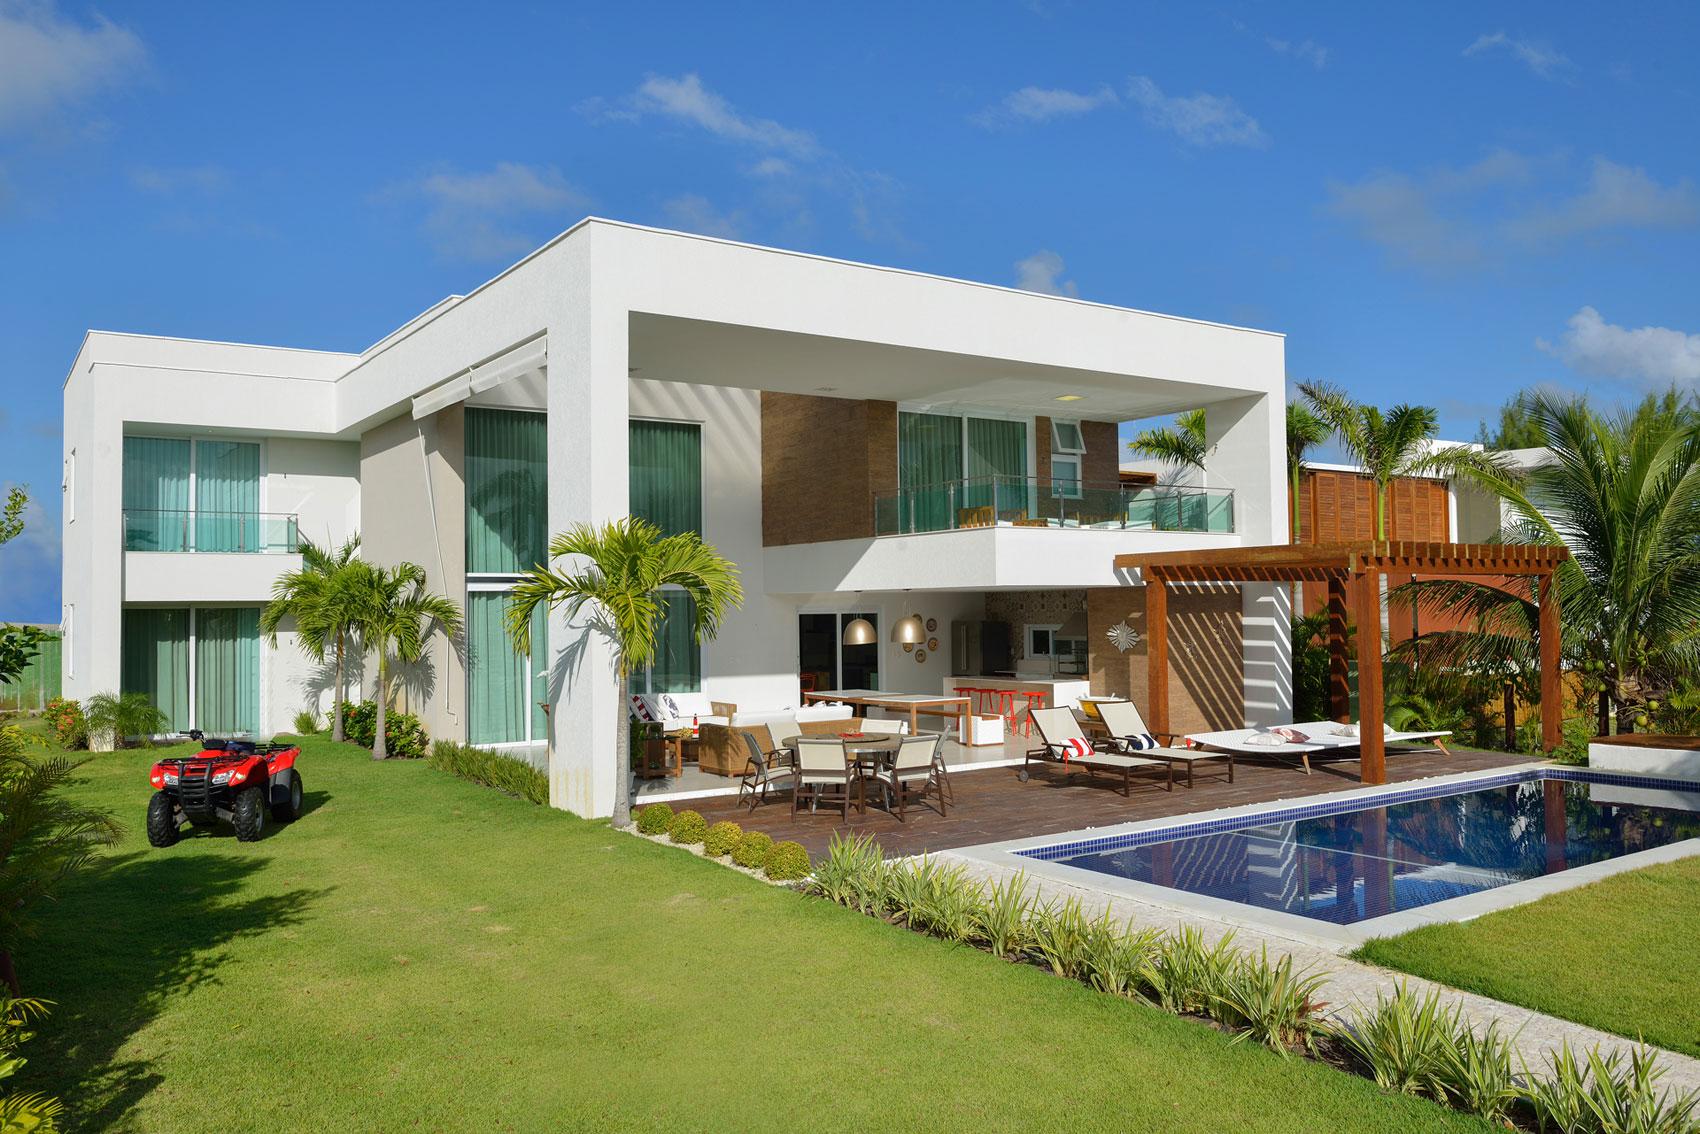 Bahia Beach Residence by Pinheiro Martinez Arquitetura-03